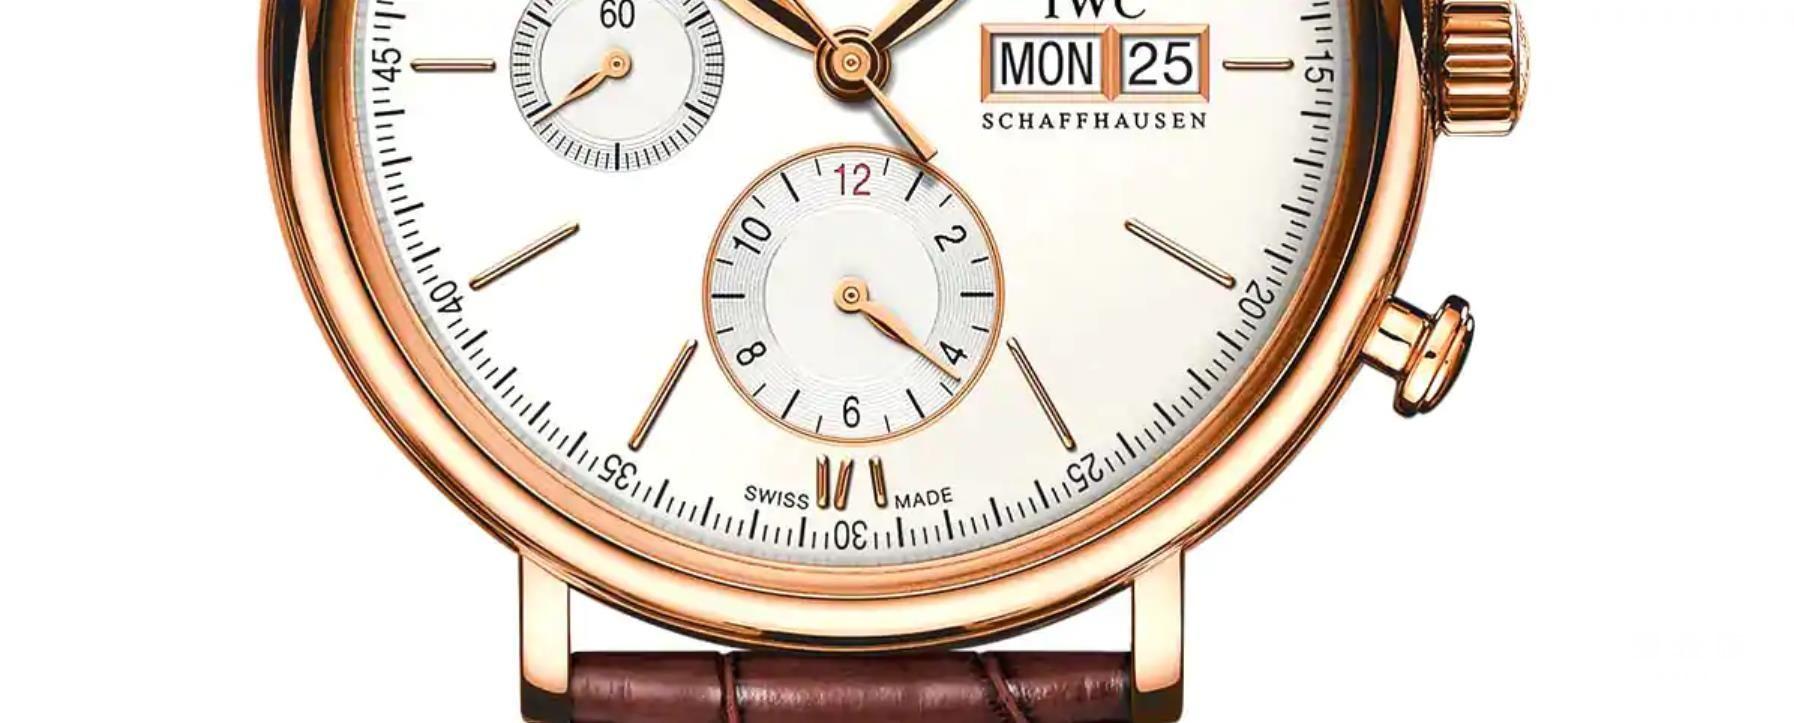 瑞士制造的标签通常位于手表下部6点钟位置。